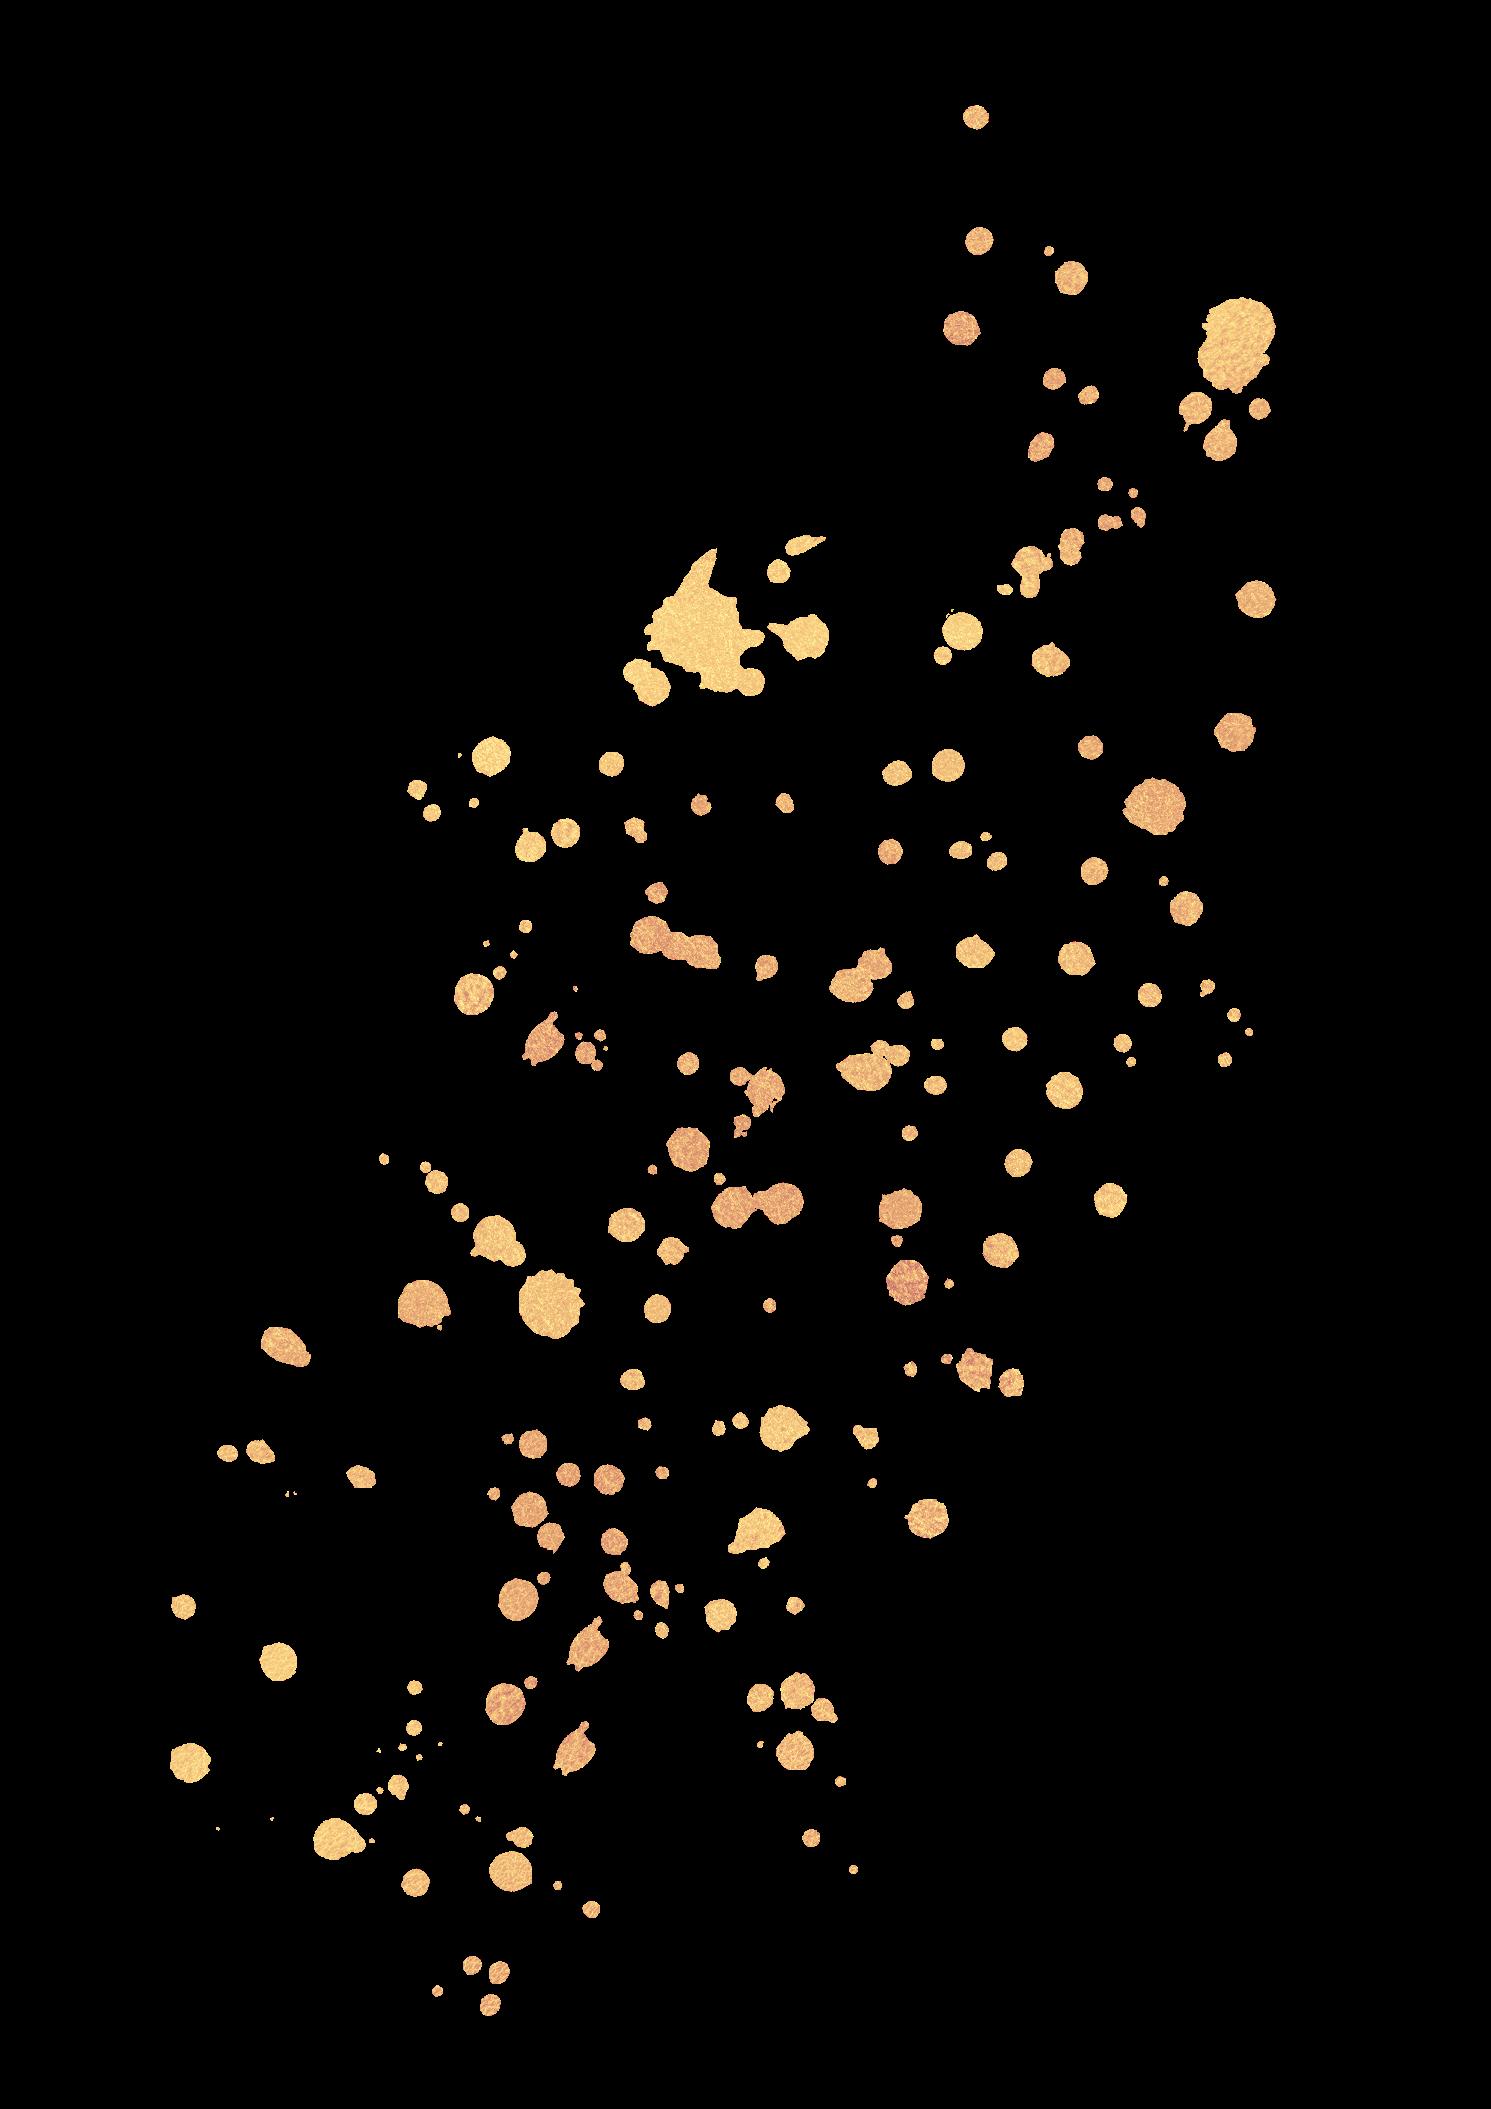 Gold Splatter Glitter Overlay Ftestickers